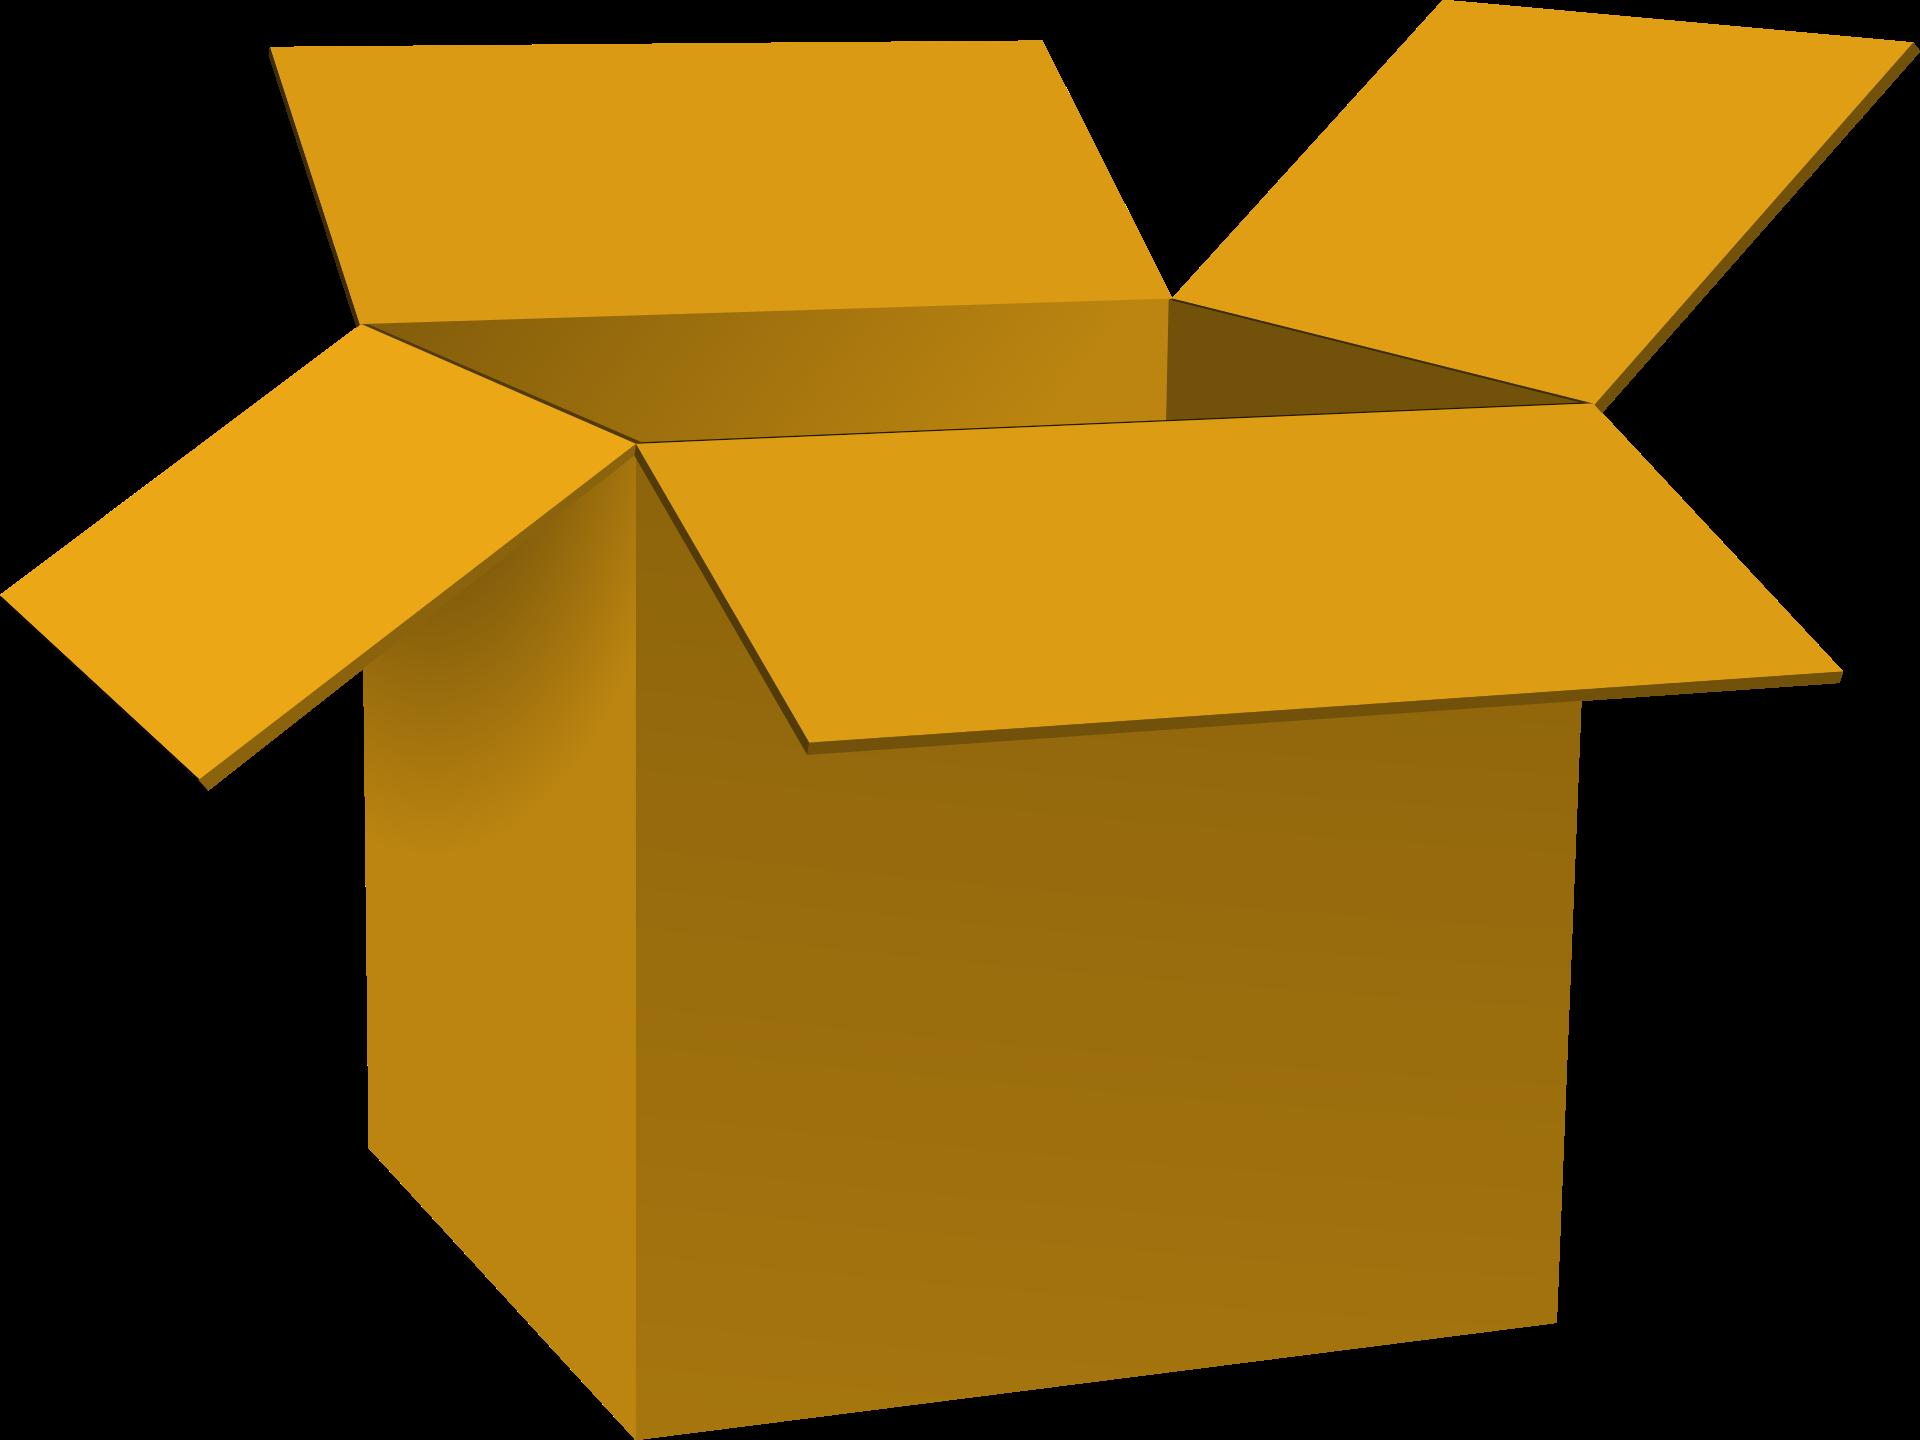 ᐅ GLS Sendungsverfolgung Ihr Paket jederzeit online verfolgen